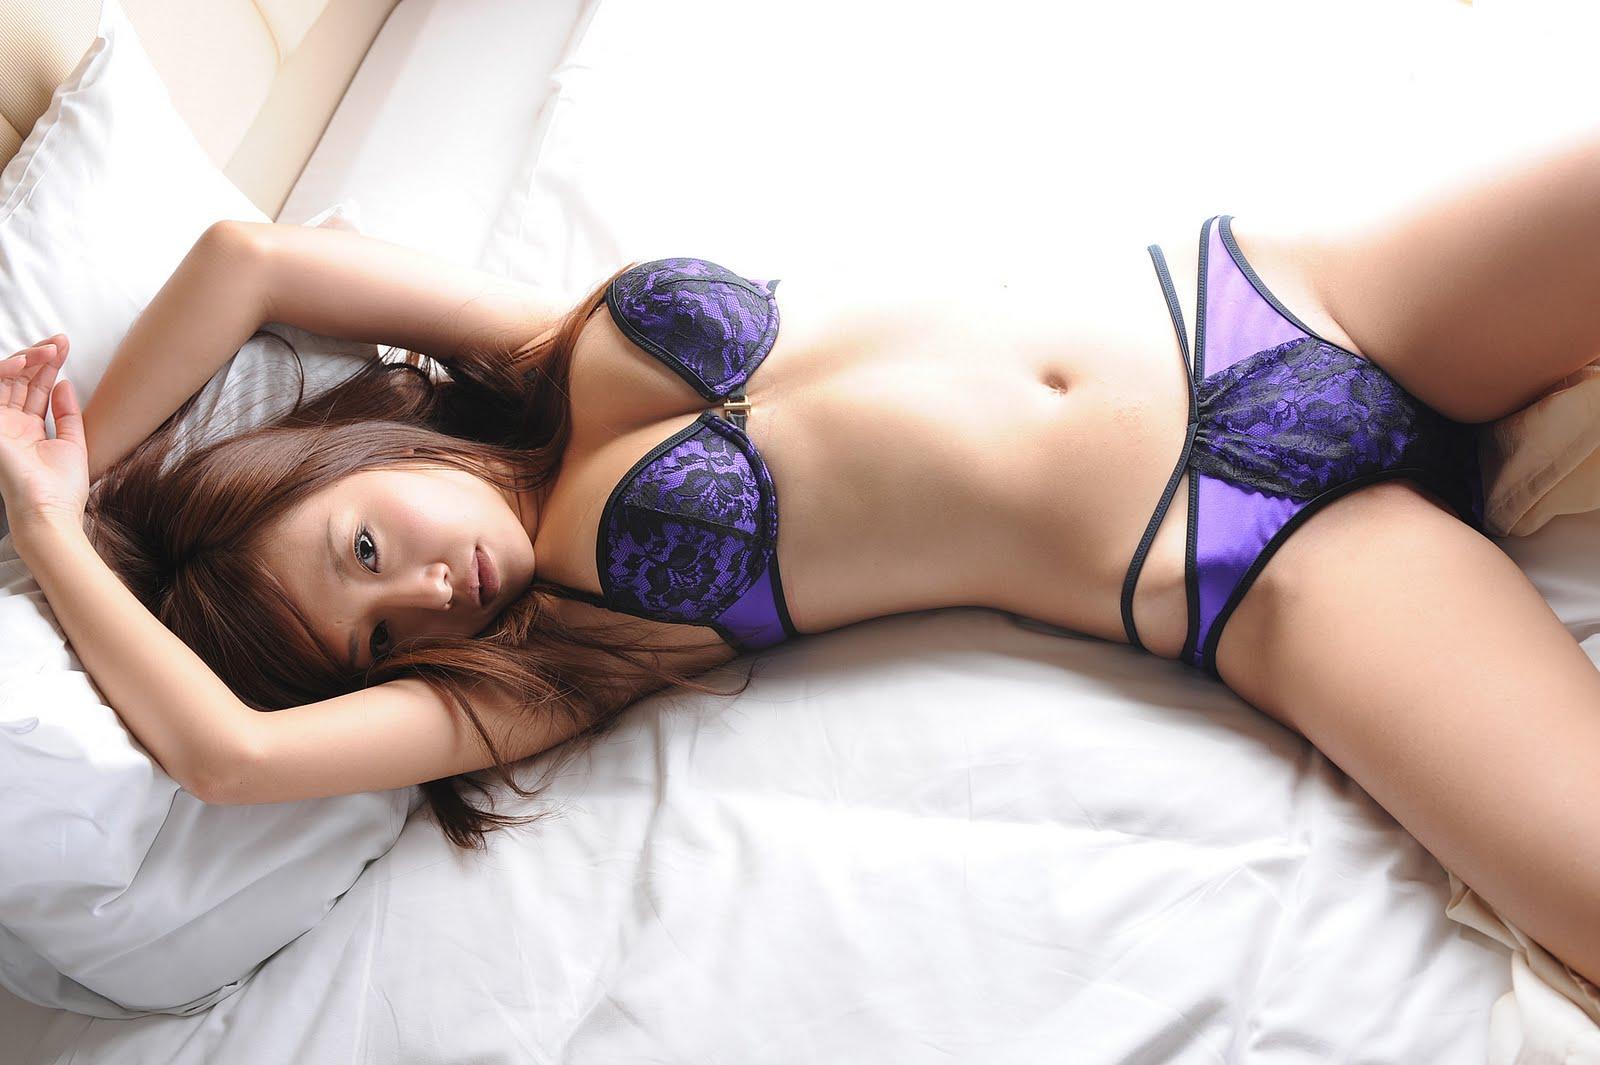 Erina yamaguchi bikini